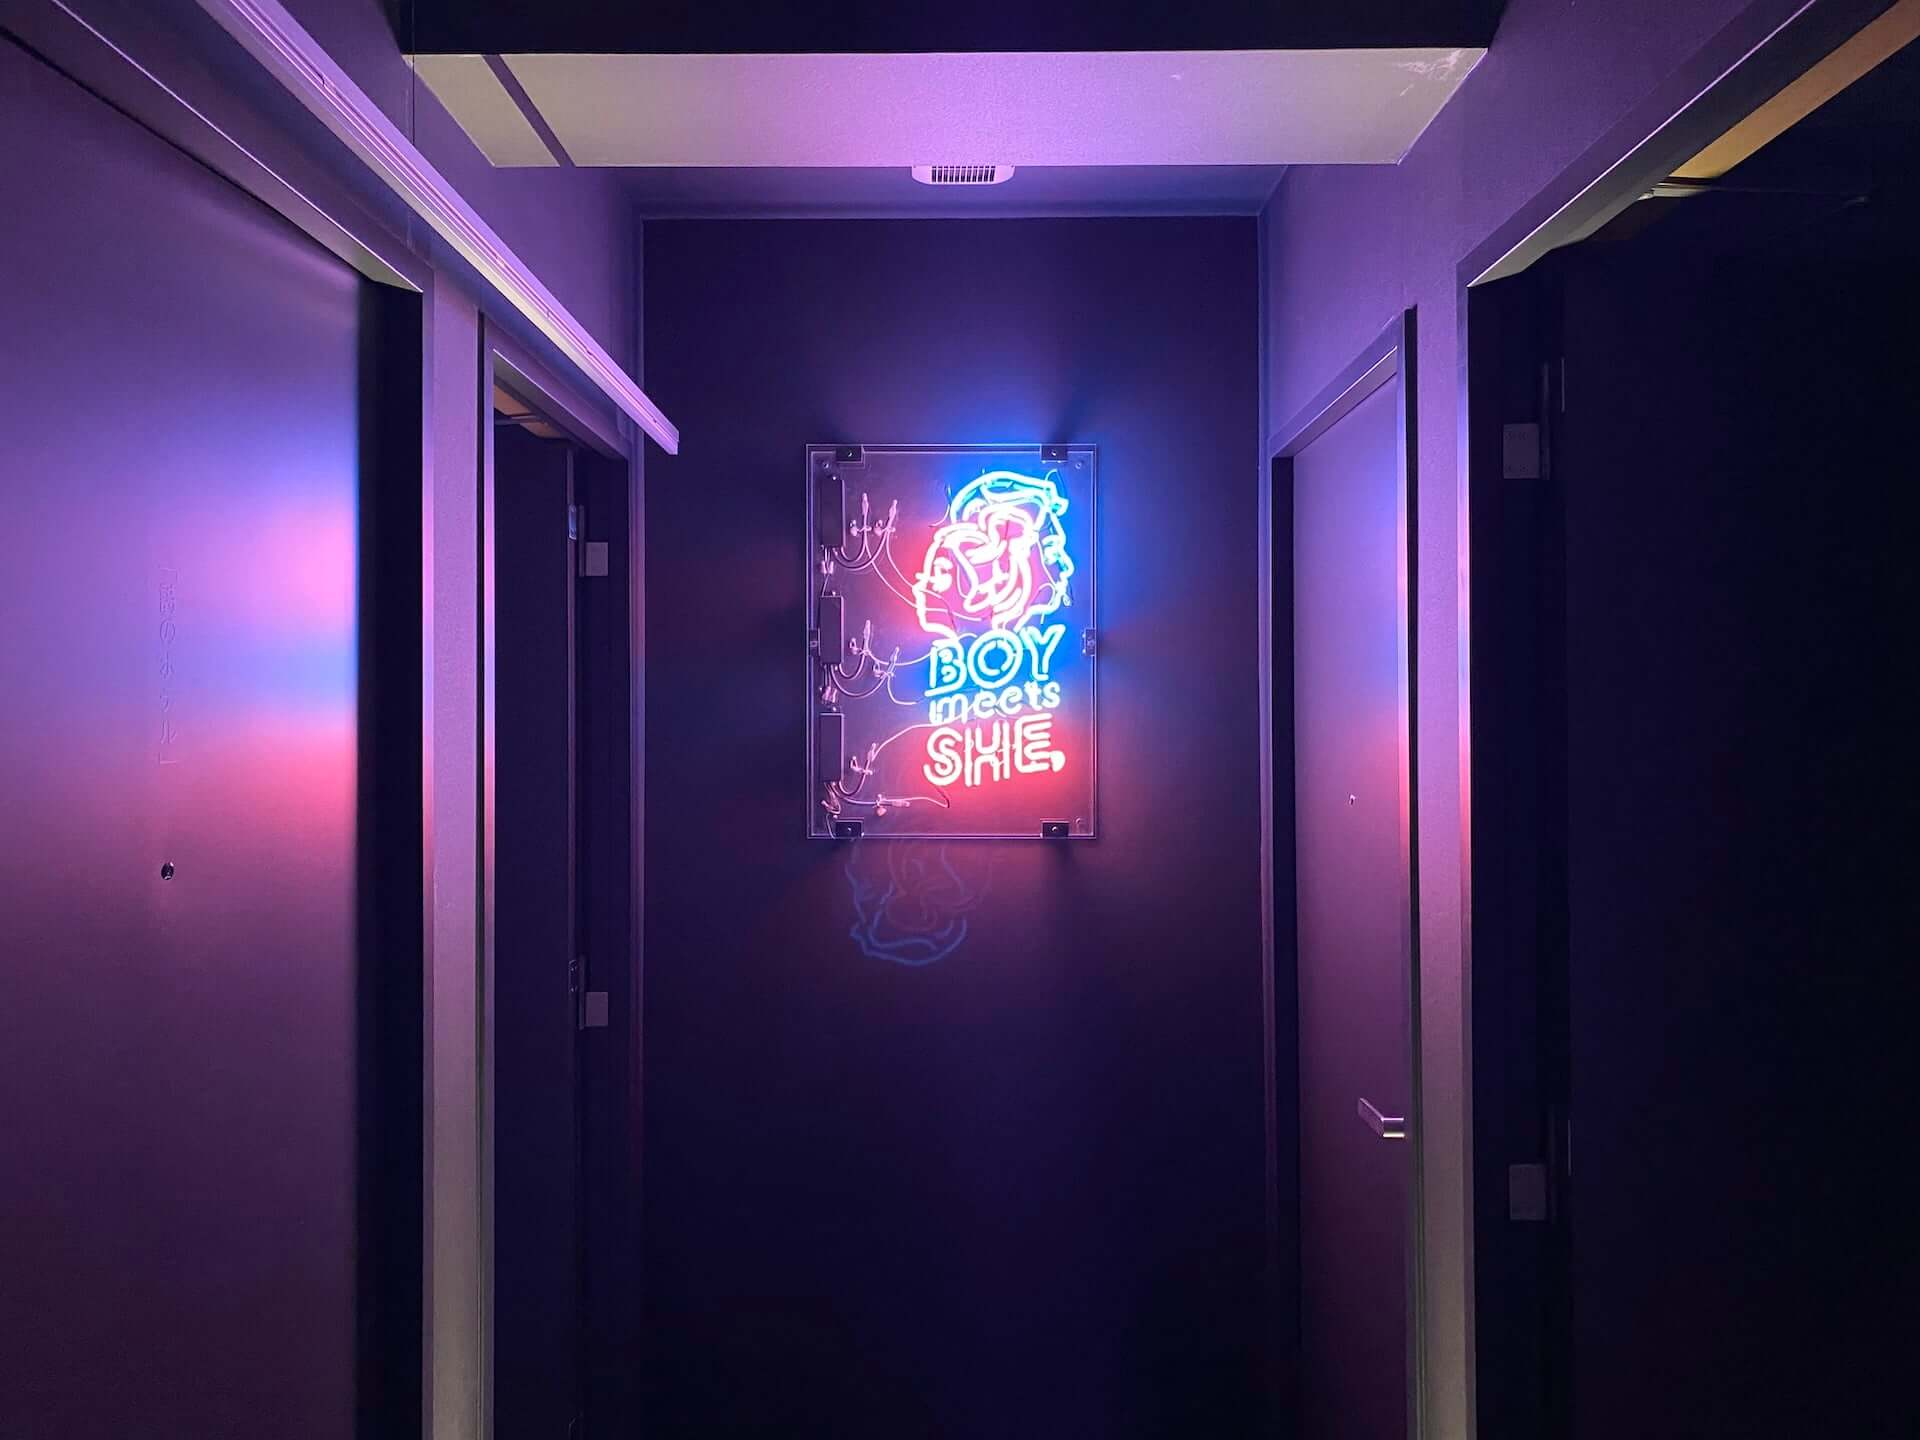 京都の「HOTEL SHE, KYOTO」による参加型サスペンス劇<泊まれる演劇>の初演作が再演決定|夜のホテルを舞台に彷徨う art200601_tomareru_engeki_5-1920x1440